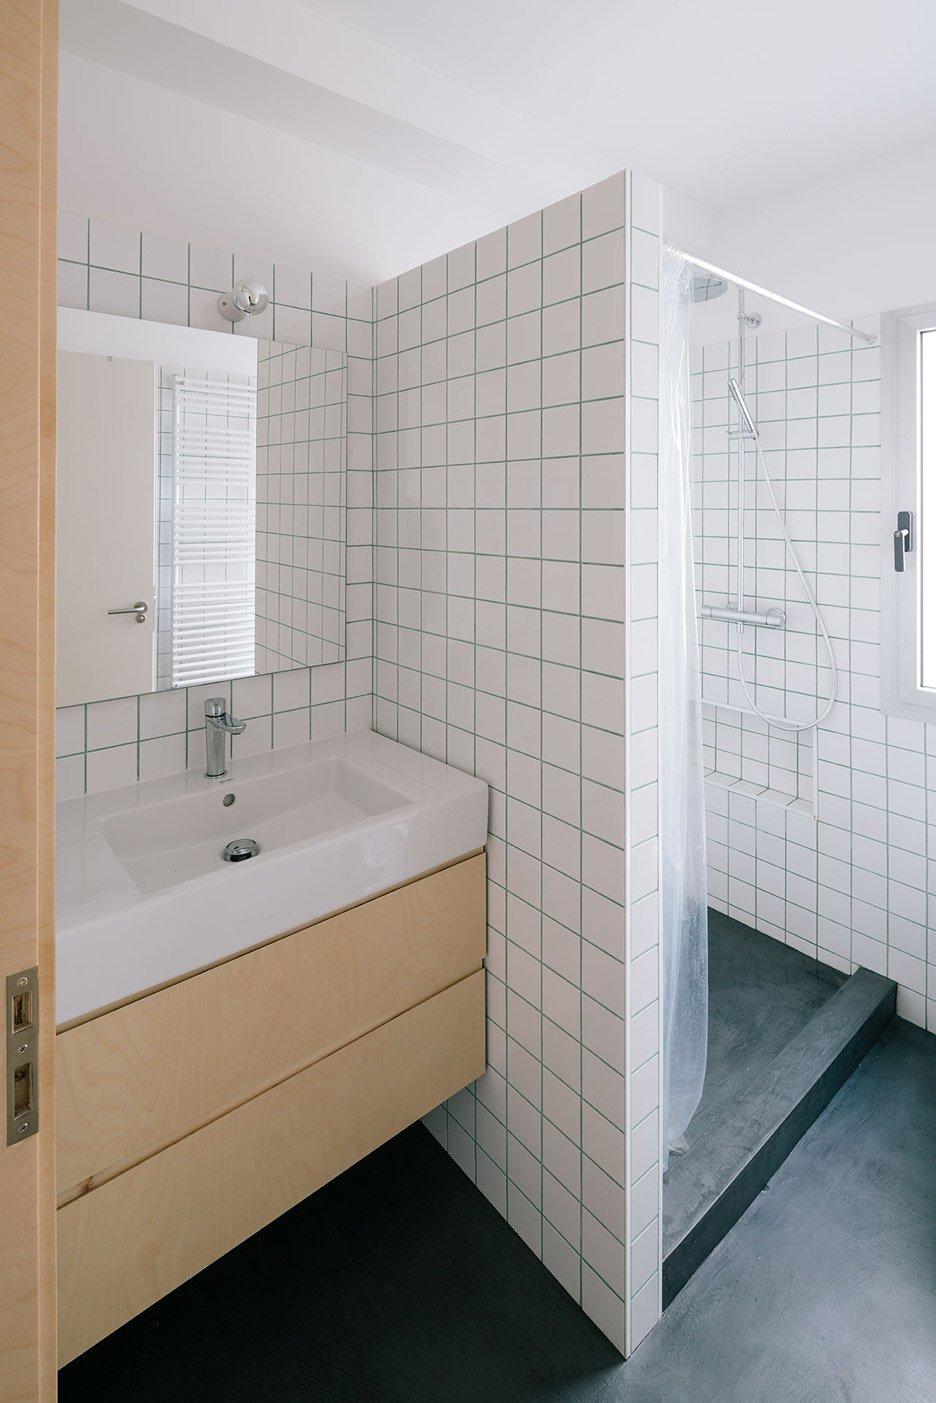 Deze badkamer met een zwarte rubberen vloer - Badkamers voorbeelden